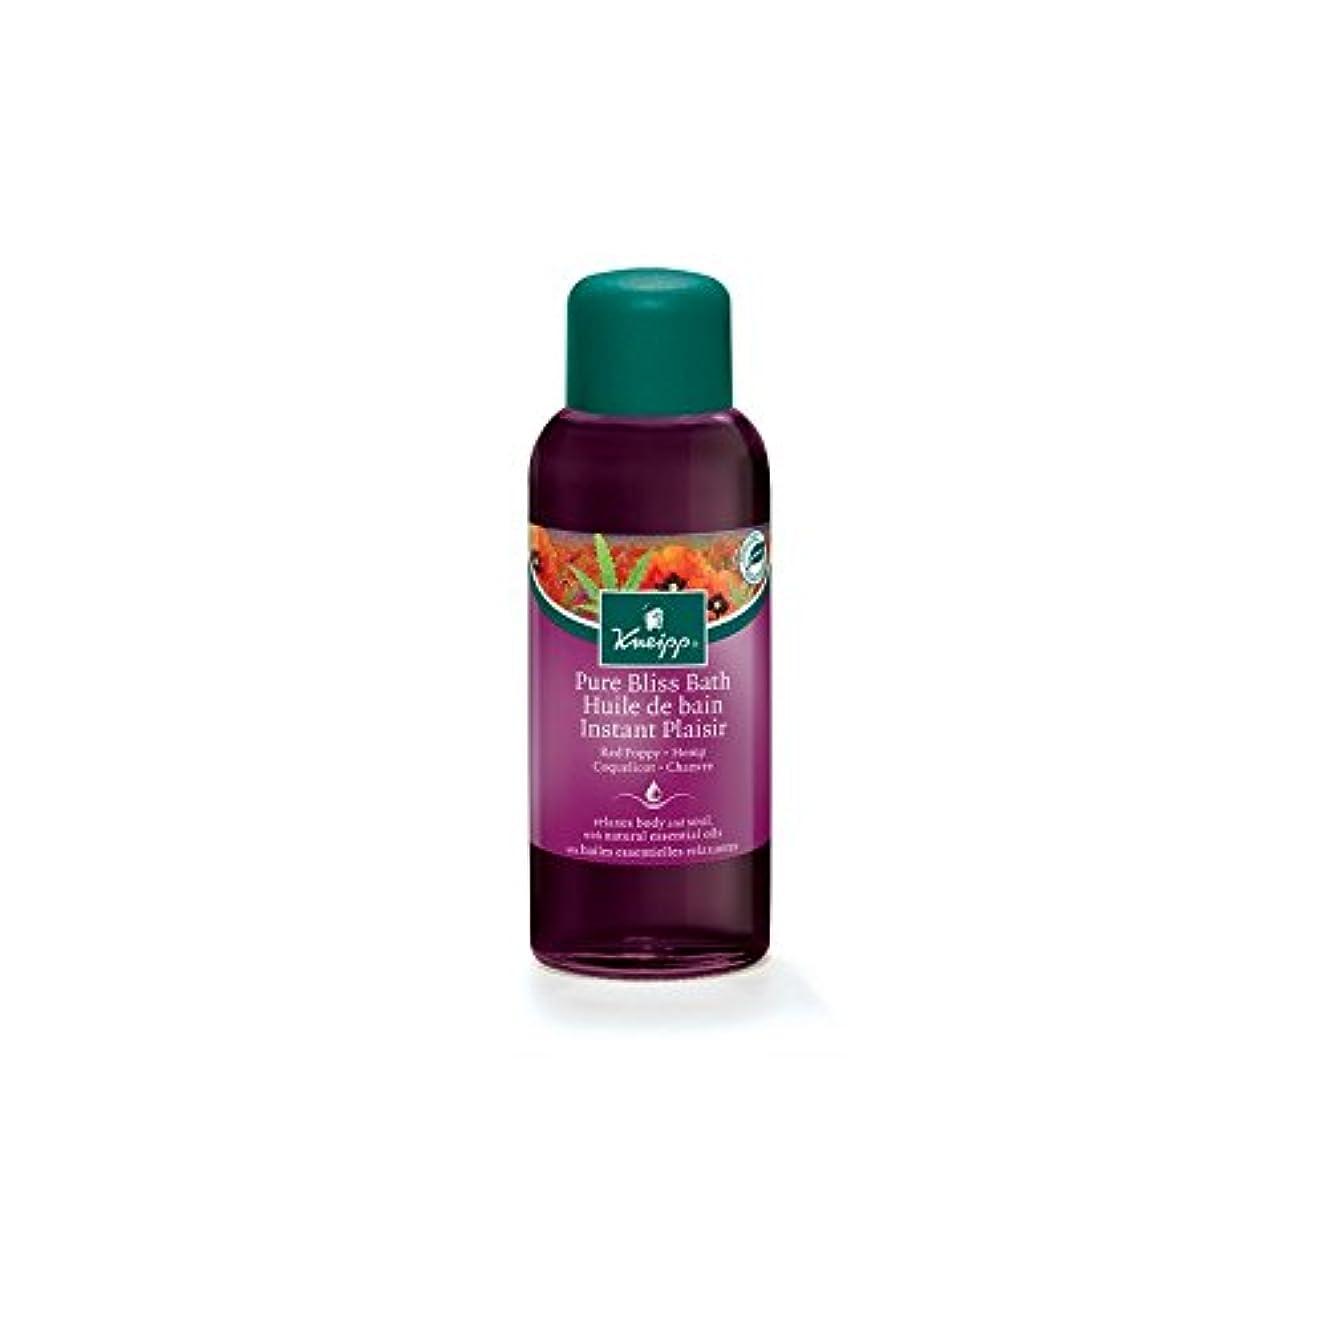 リサイクルする反映する通信網Kneipp Pure Bliss Herbal Red Poppy and Hemp Bath Oil (100ml) - クナイプ純粋な至福ハーブの赤いケシと麻バスオイル(100ミリリットル) [並行輸入品]